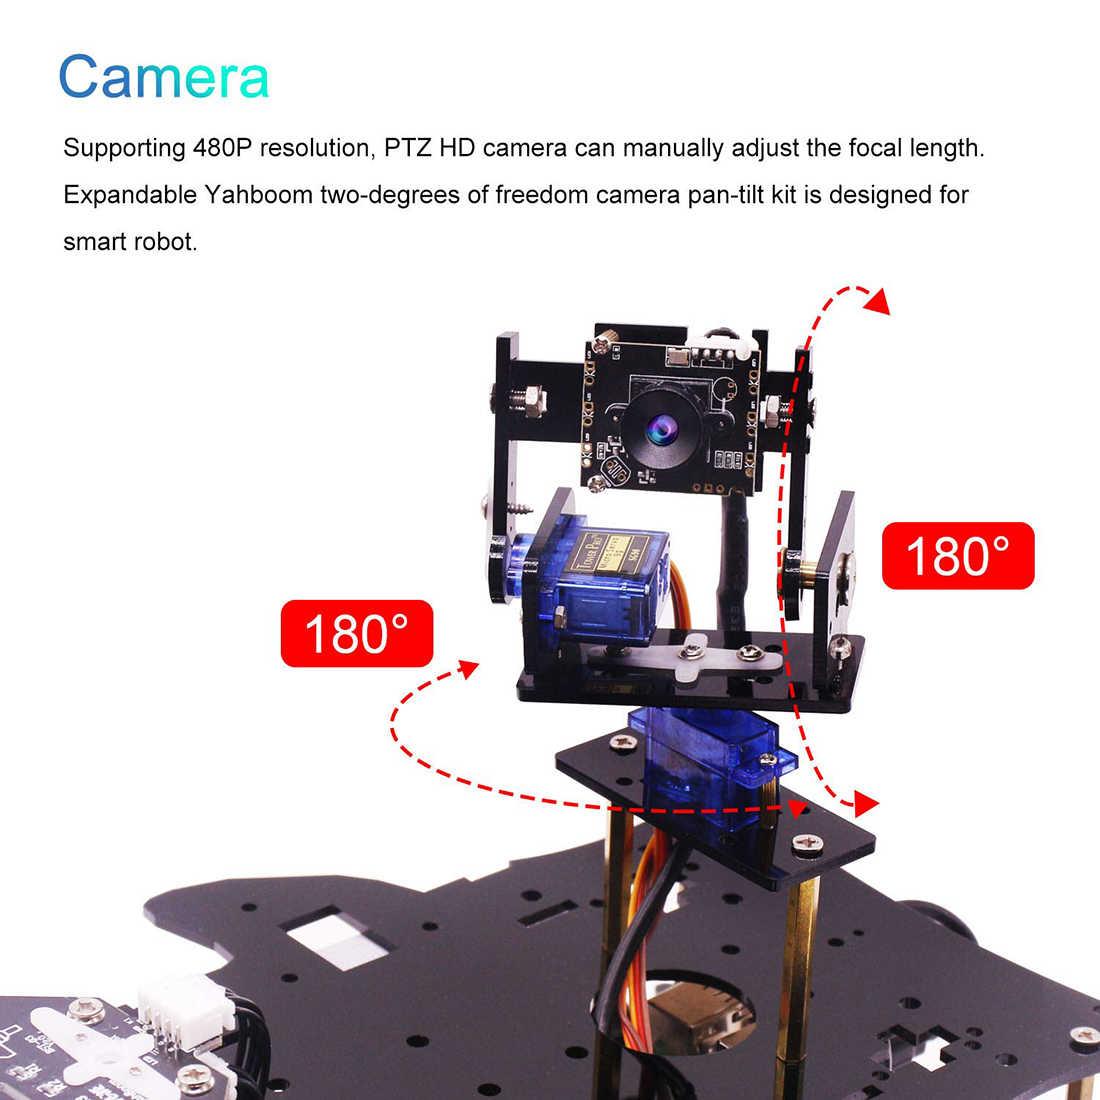 Конечный стартовый набор для Raspberry Pi 3 B + HD камера программируемый умный робот автомобильный комплект с 4WD электронная обучающая игрушка для подростков